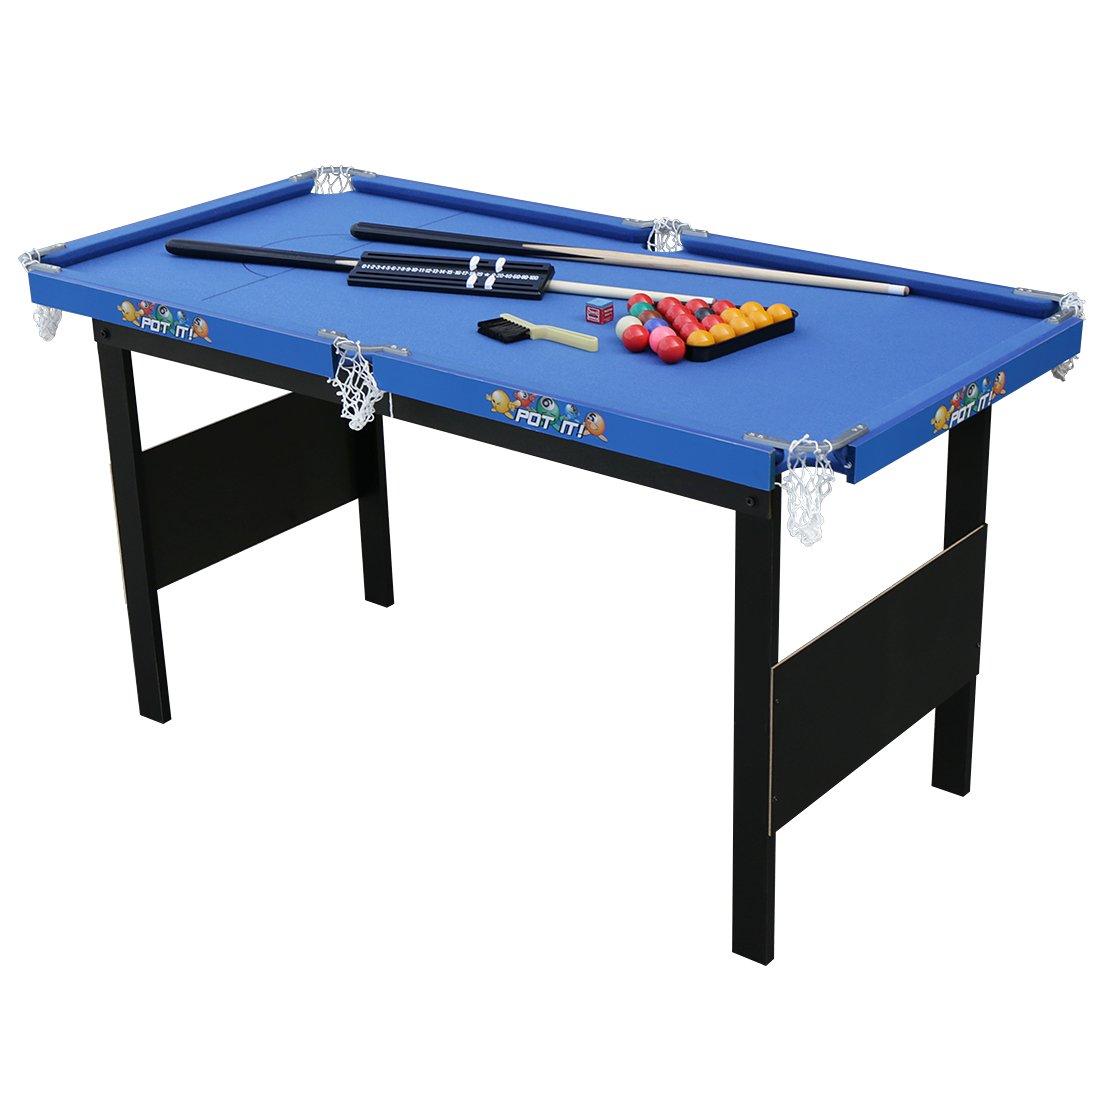 HLC Mini Billardtisch Pooltisch Snookertisch Tischspiel Blau 122 x 61 x 64 CM